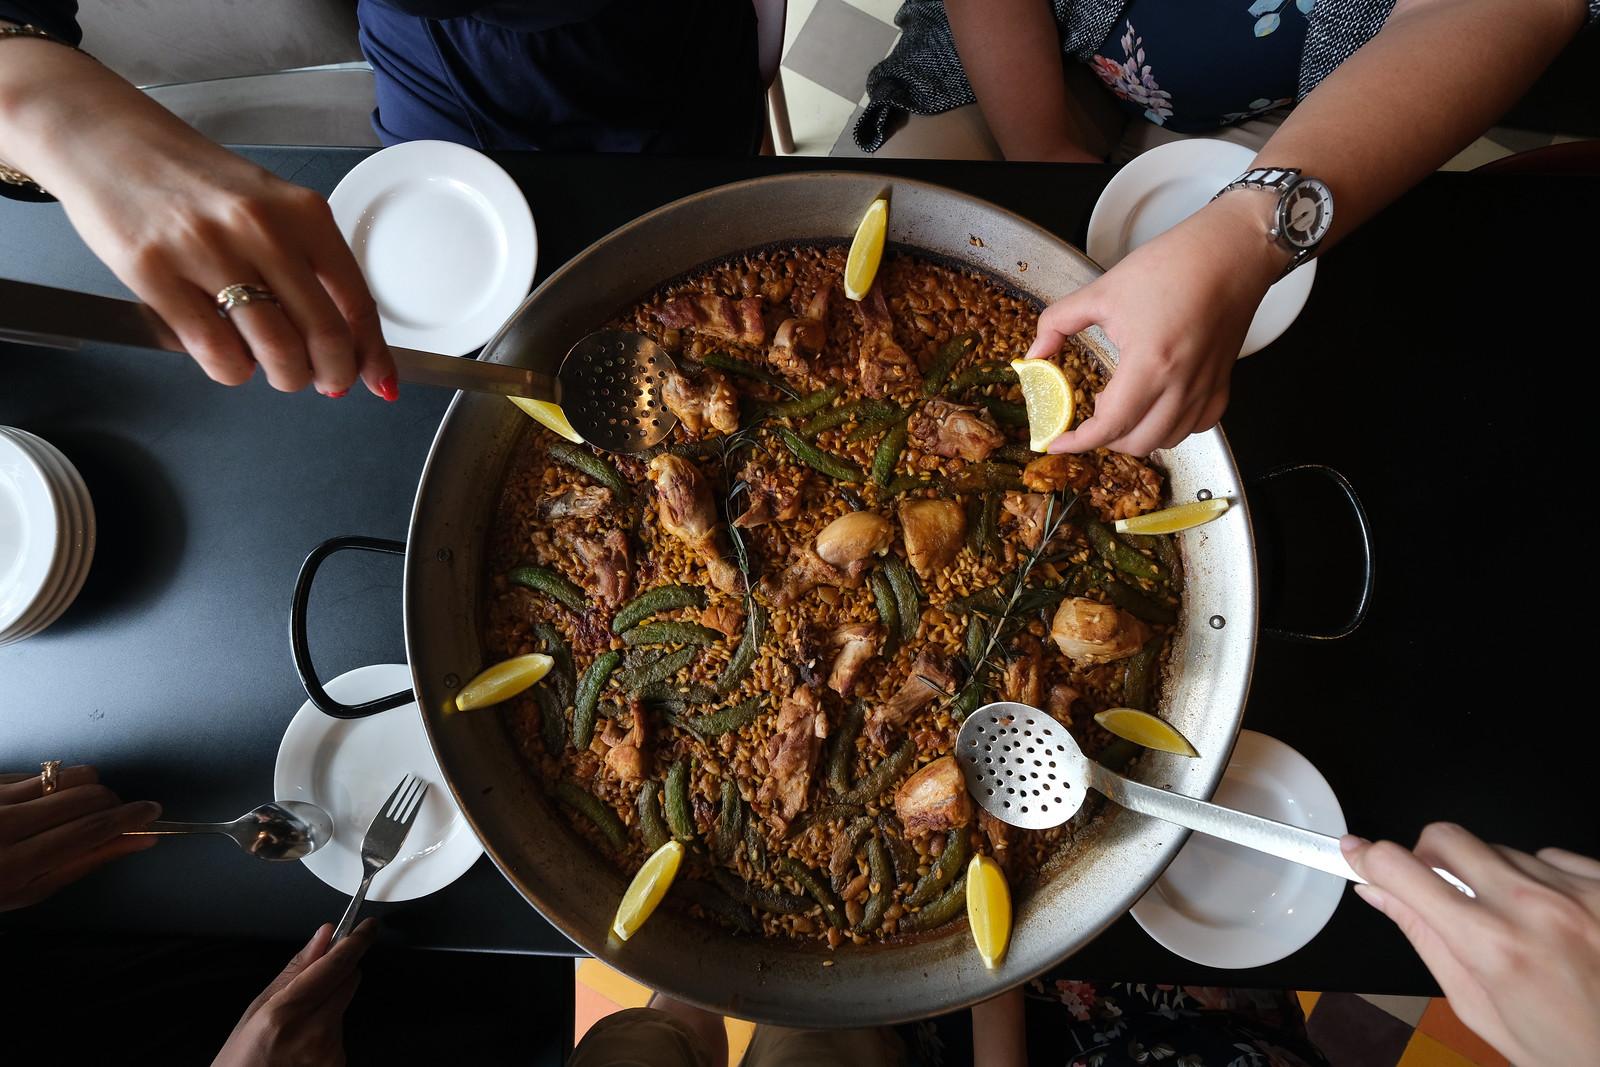 世界海鲜饭日 - 海鲜饭潘